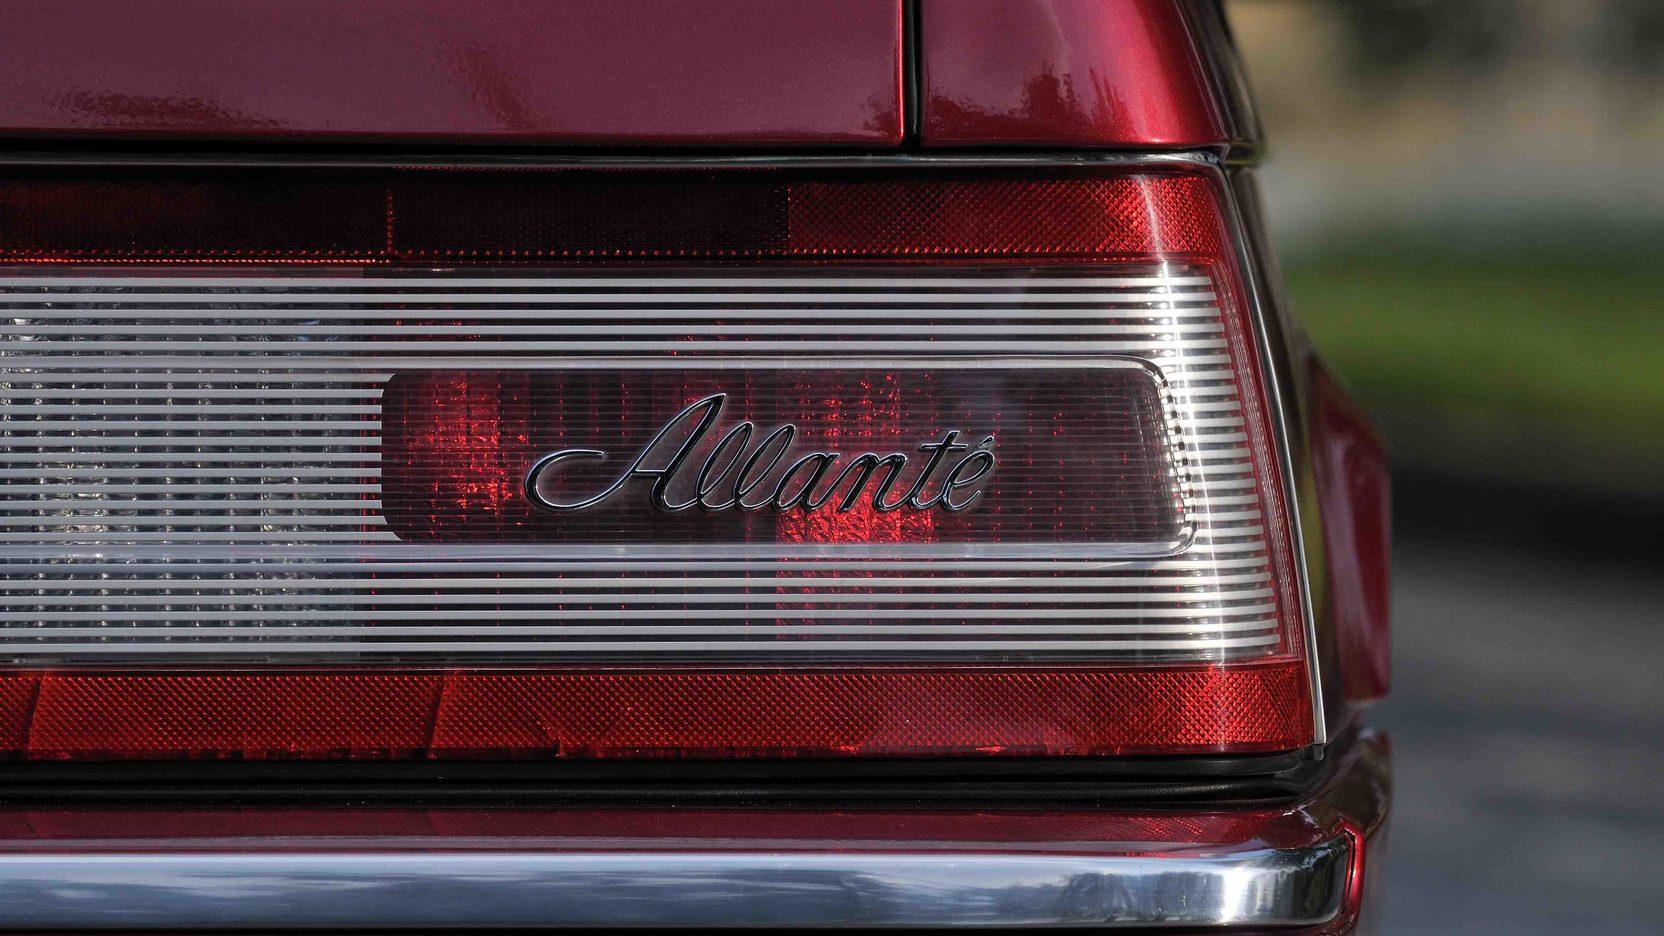 1993 Cadillac Allante taillights